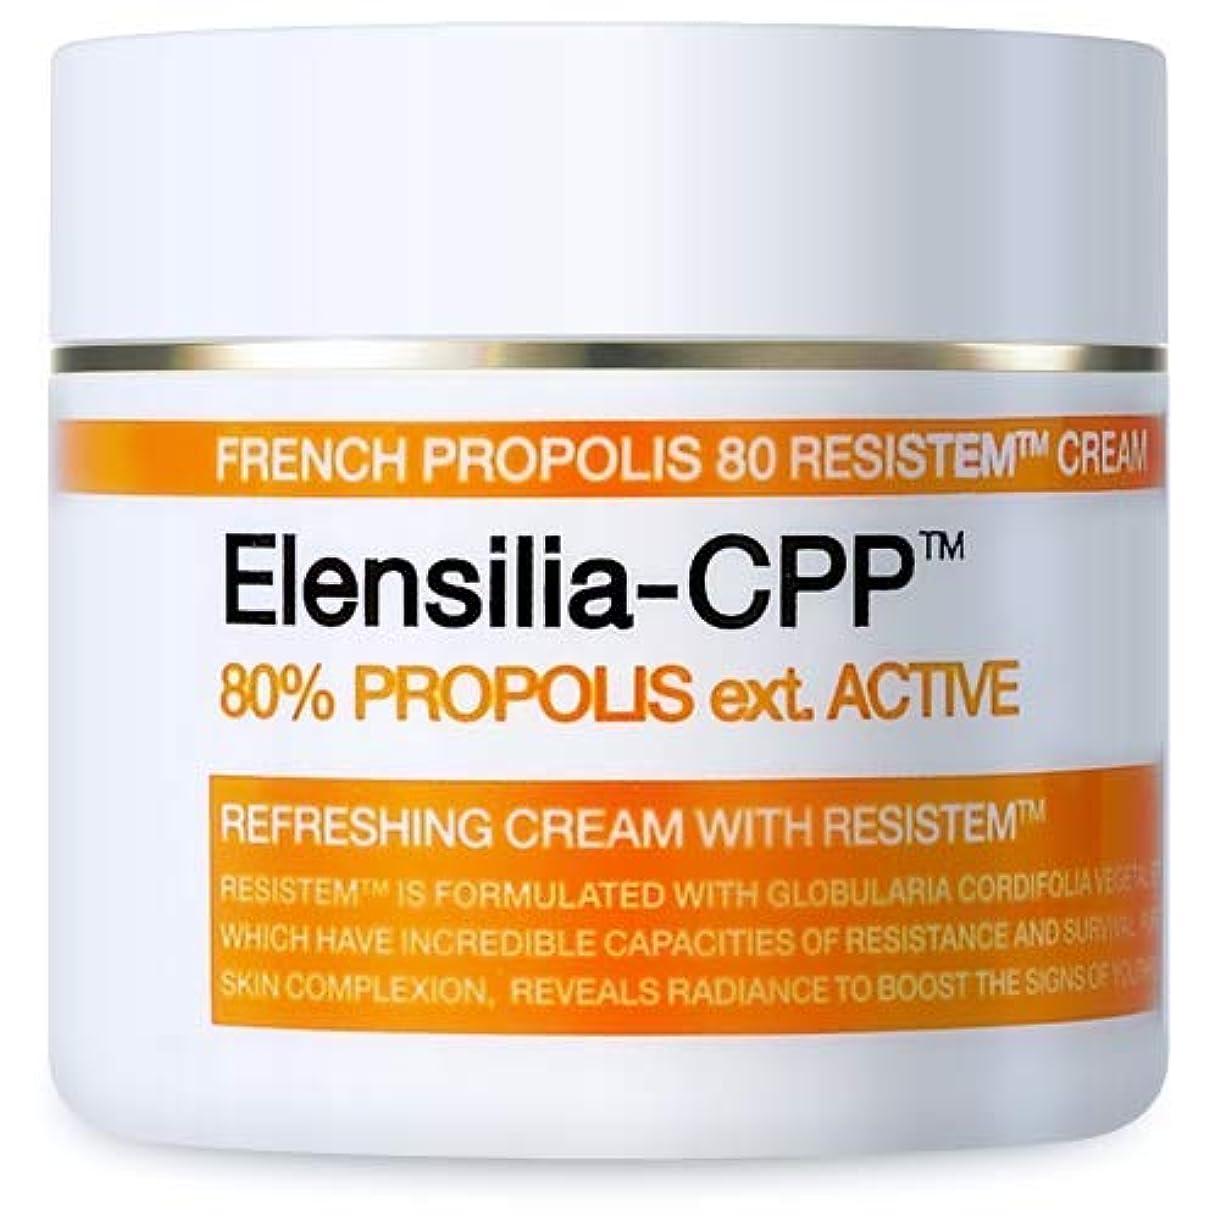 反動曲線山Elensilia CPP フレンチ プロポリス 80 リシステム クリーム / CPP French Propolis 80 Resistem Cream (50g) [並行輸入品]